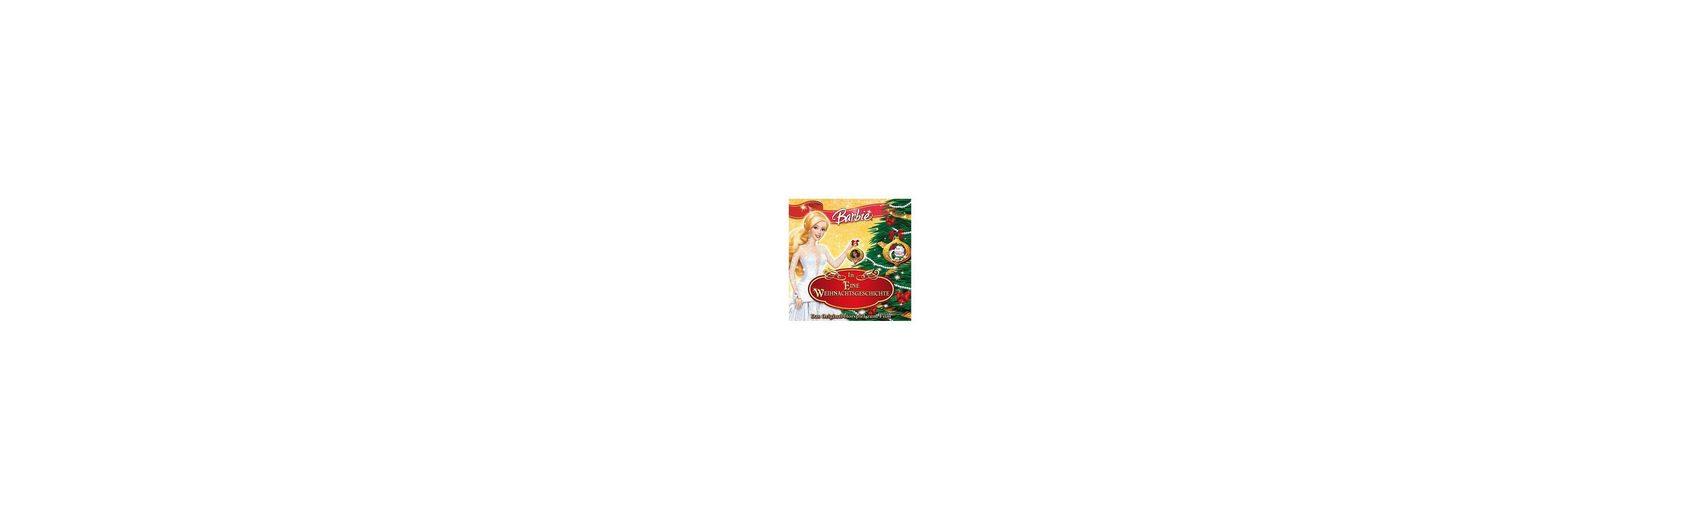 Edel Germany GmbH CD Barbie - Eine Weihnachtsgeschichte